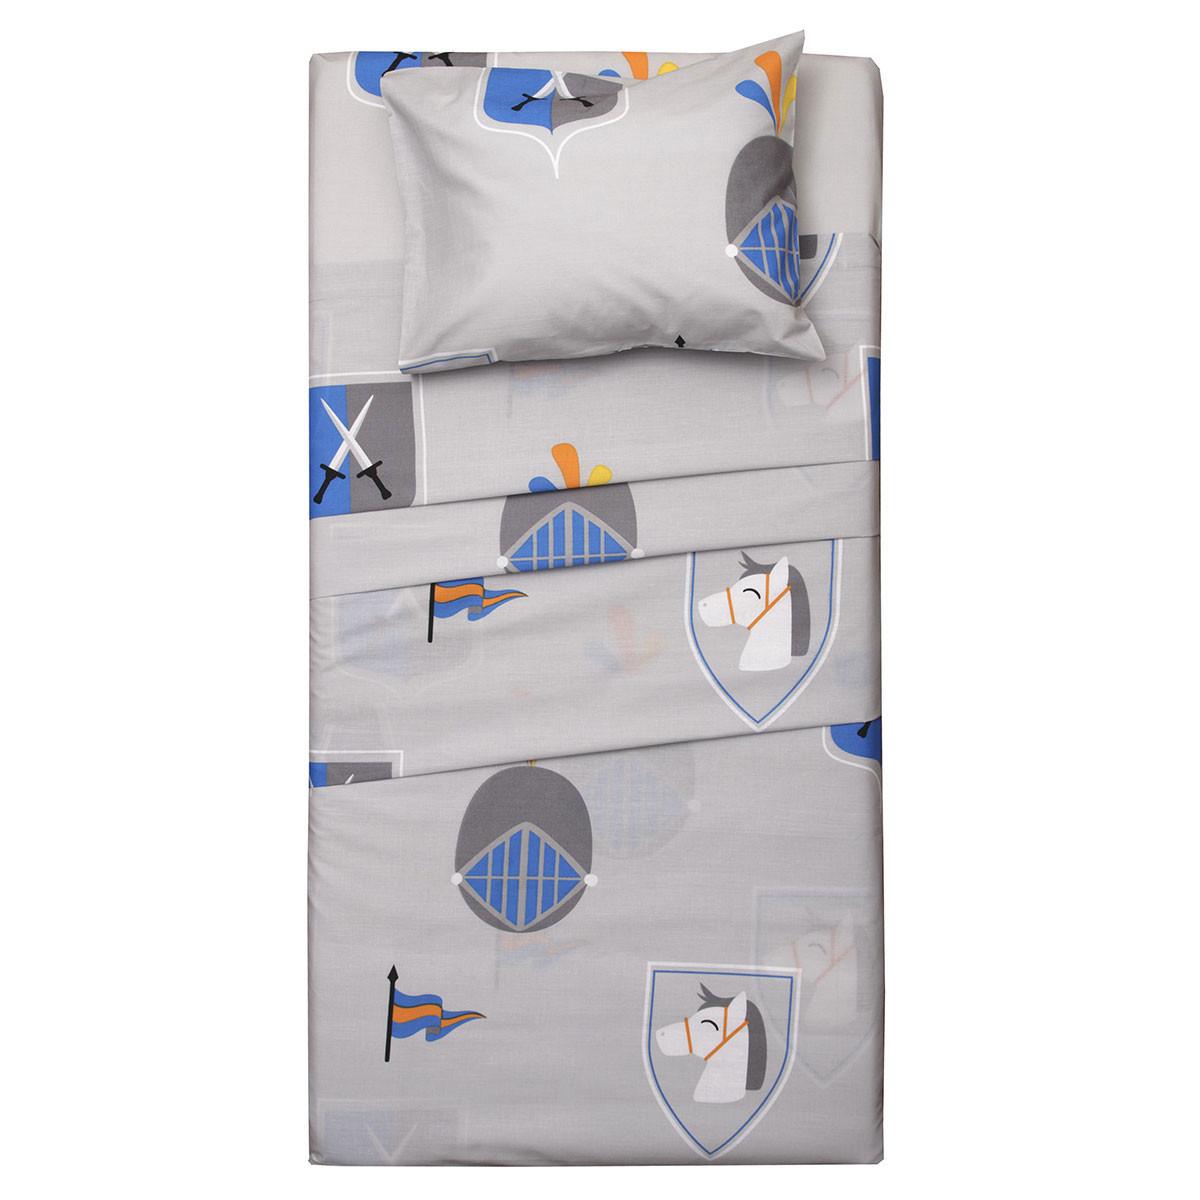 Παπλωματοθήκη Μονή (Σετ) Viopros Kids Cotton Έκτορ